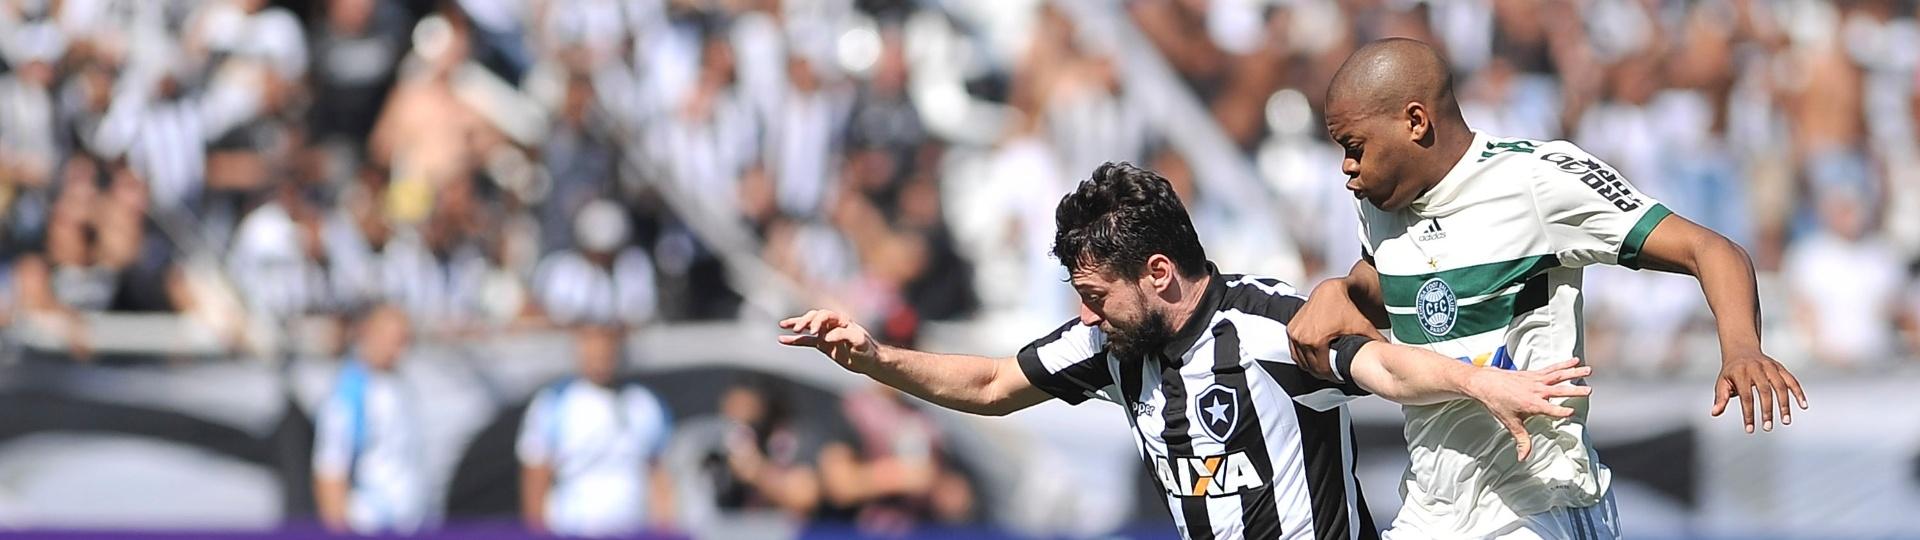 João Paulo do Botafogo disputa lance com Márcio do Coritiba